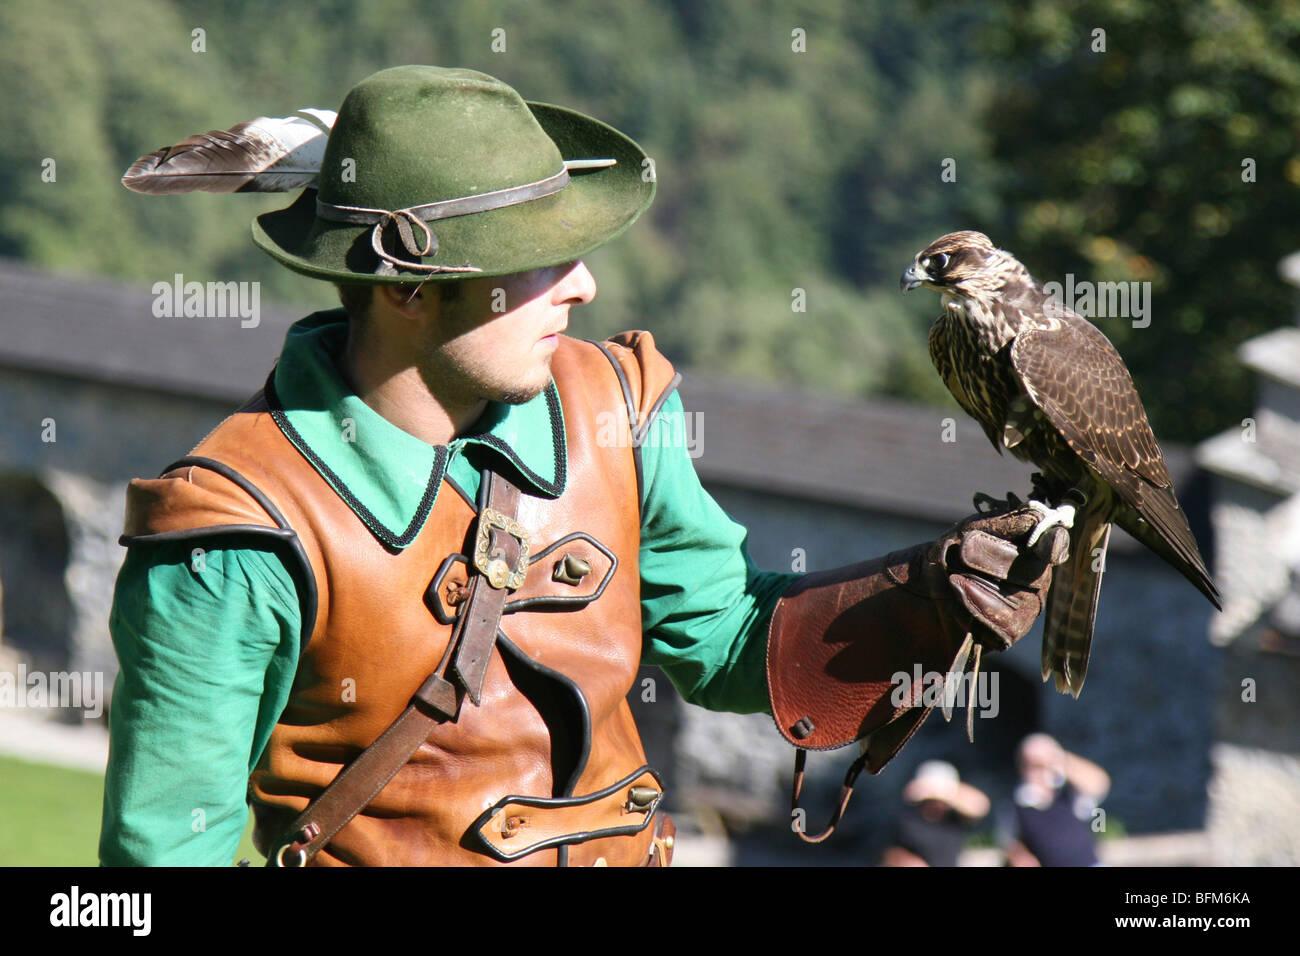 Austria County Of Salzburg Hohenwerfen Castle Birds Of Prey Show Stock Photo Alamy